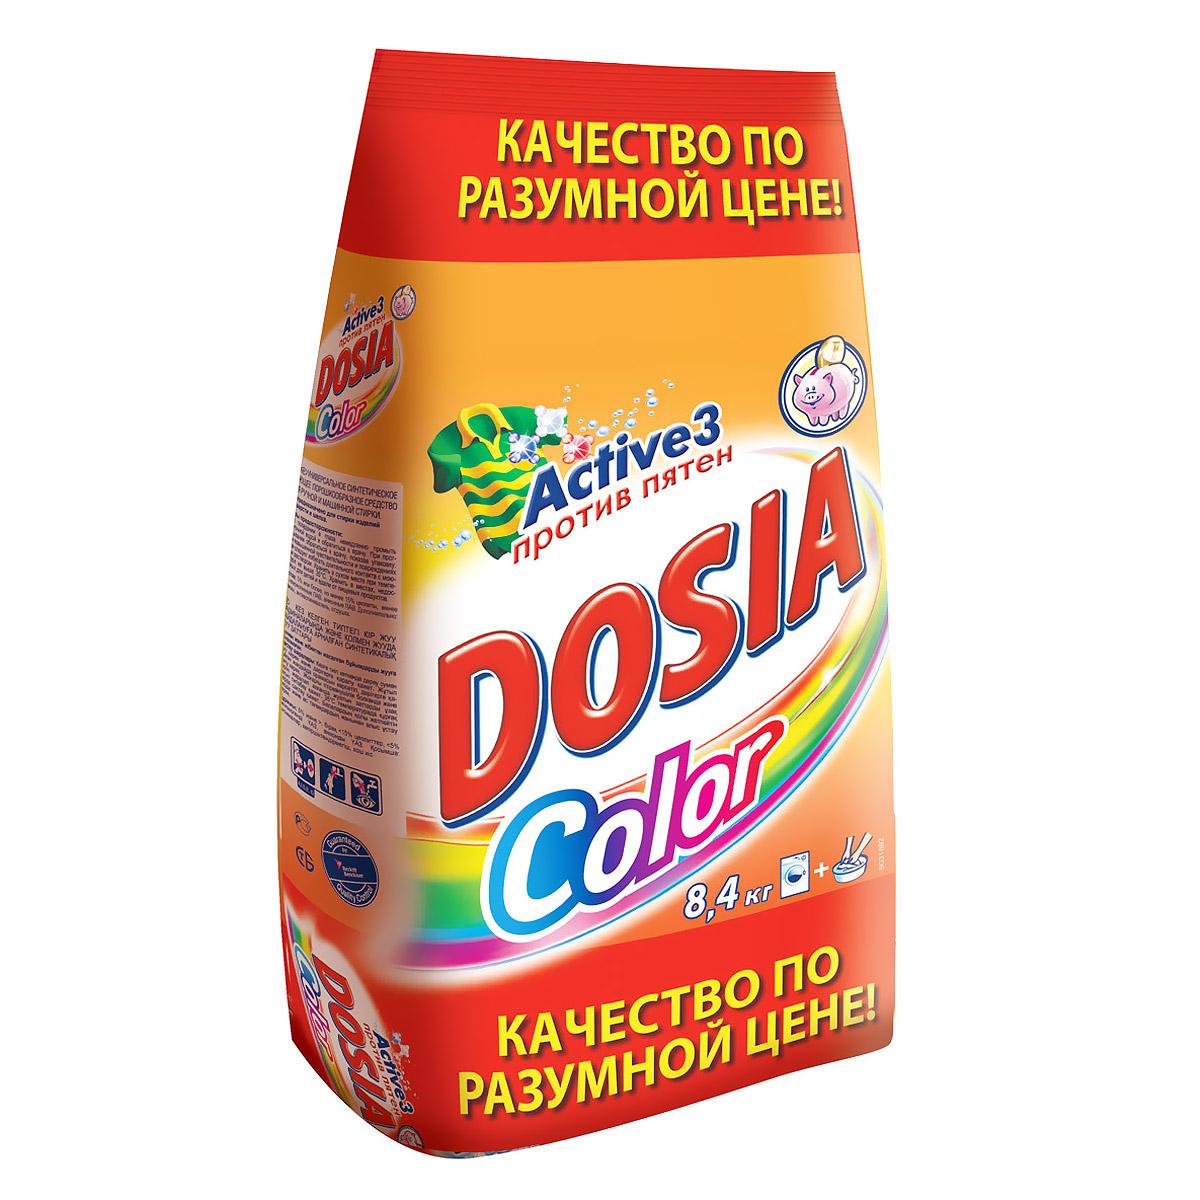 Стиральный порошок Dosia Color. Active 3, 8,4 кг7504182Стиральный порошок Dosia Color Active 3 предназначен для стирки в стиральных машинах любого типа, также подходит для ручной стирки. Порошок содержит три активных компонента против различных пятен, которые воздействуют на волокна ткани и удаляют общие загрязнения, удаляют сложные пятна и не повреждают цвет вещей. Стиральный порошок Dosia Color для цветного белья бережно удаляет пятна, сохраняя свежий цвет ваших вещей стирка за стиркой! Порошок содержит компоненты, помогающие защитить стиральную машину от накипи и известкового налета. Насладитесь идеальной чистотой и свежестью своих вещей с новой Dosia Color! Характеристики: Вес: 8,4 кг. Изготовитель: Россия. Товар сертифицирован. УВАЖАЕМЫЕ КЛИЕНТЫ! Обращаем ваше внимание на возможные изменения в дизайне упаковки. Поставка осуществляется в зависимости от наличия на складе. Качественные характеристики товара остаются неизменными.